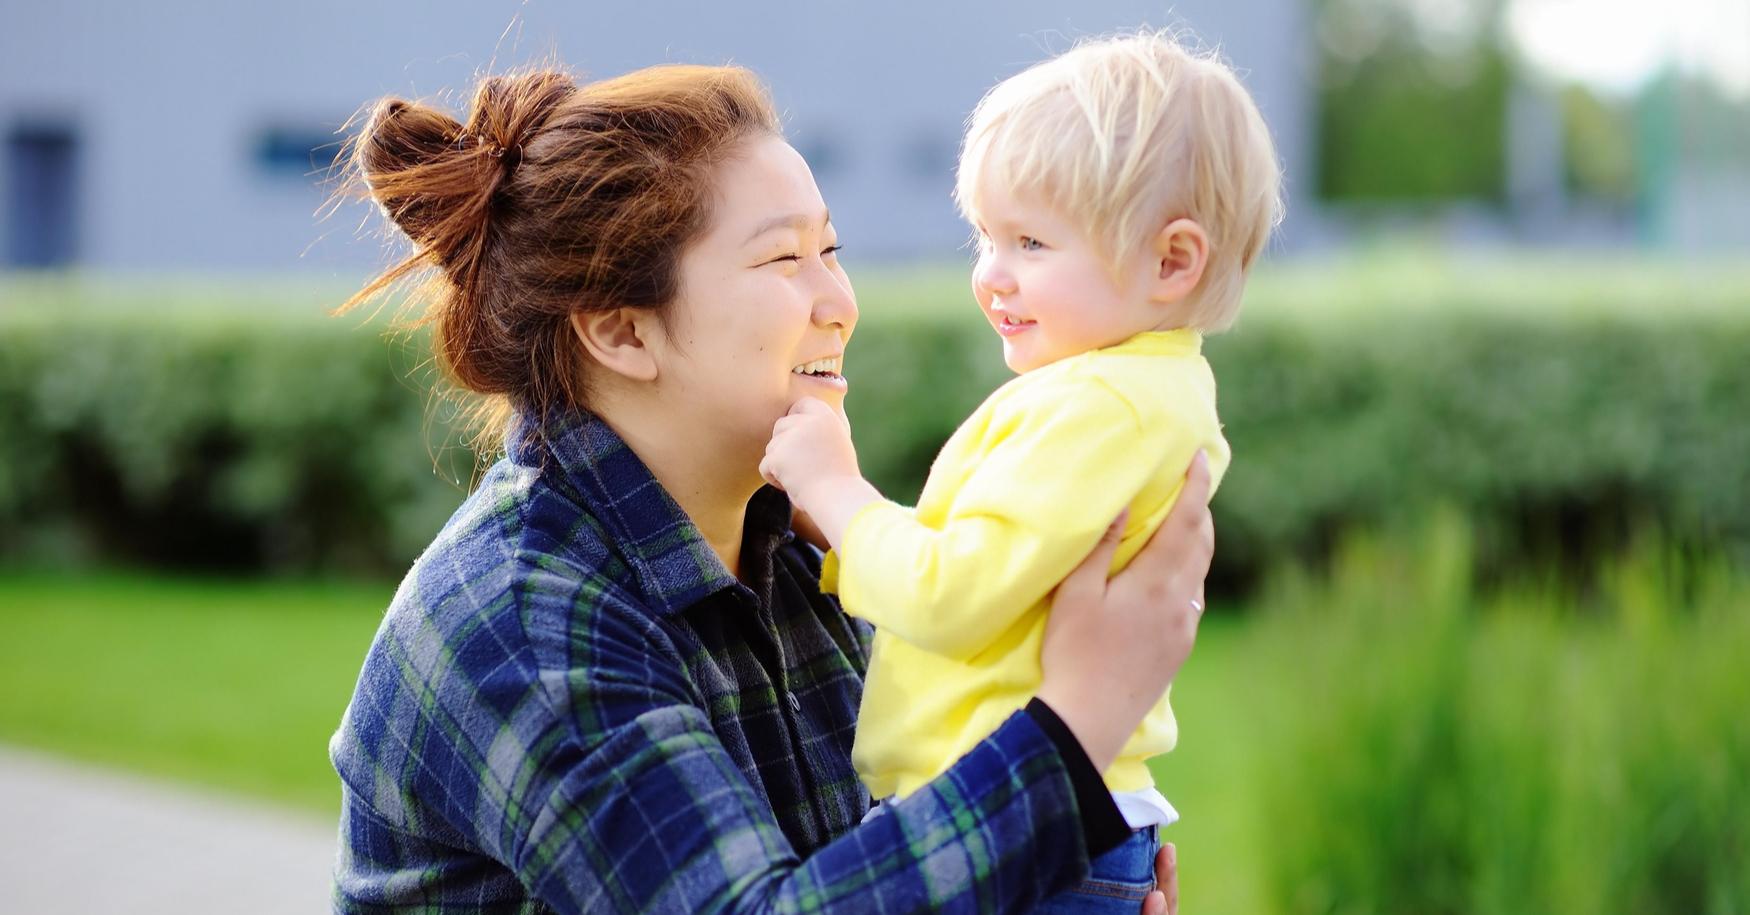 Asiatische Frau lacht mit Kleinkind